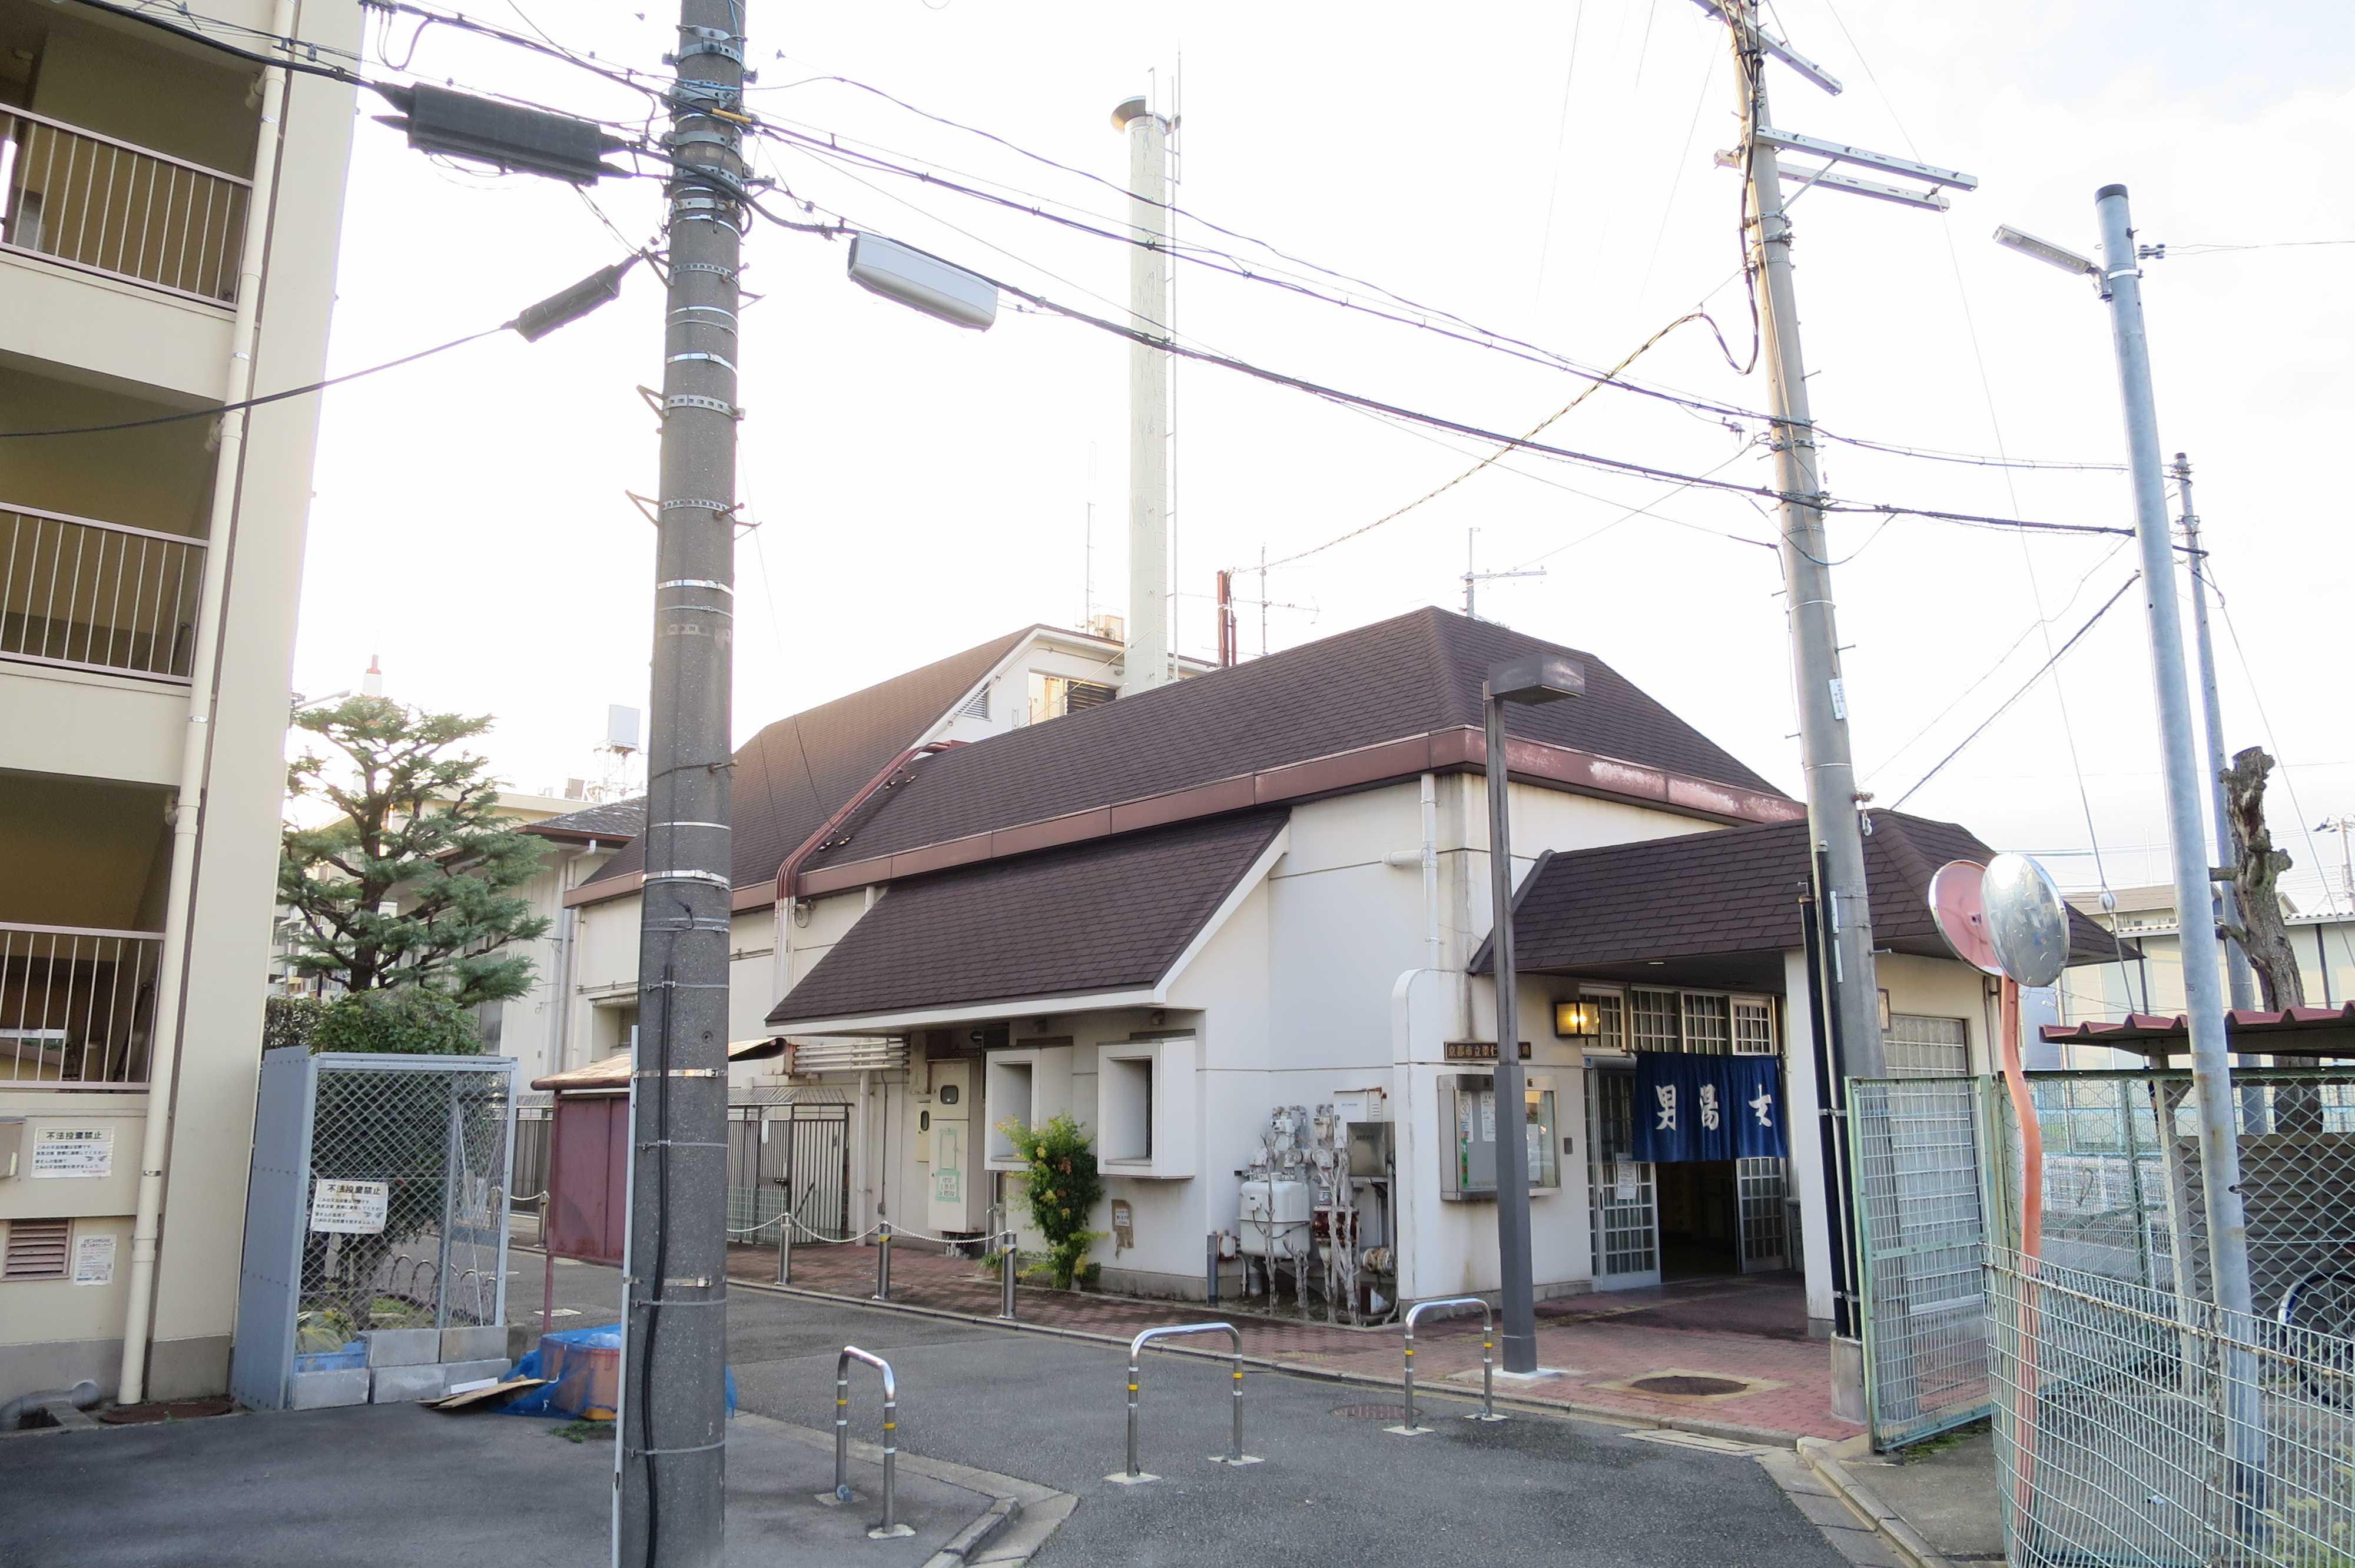 京都・崇仁地区 - 市営浴場 崇仁第三浴場